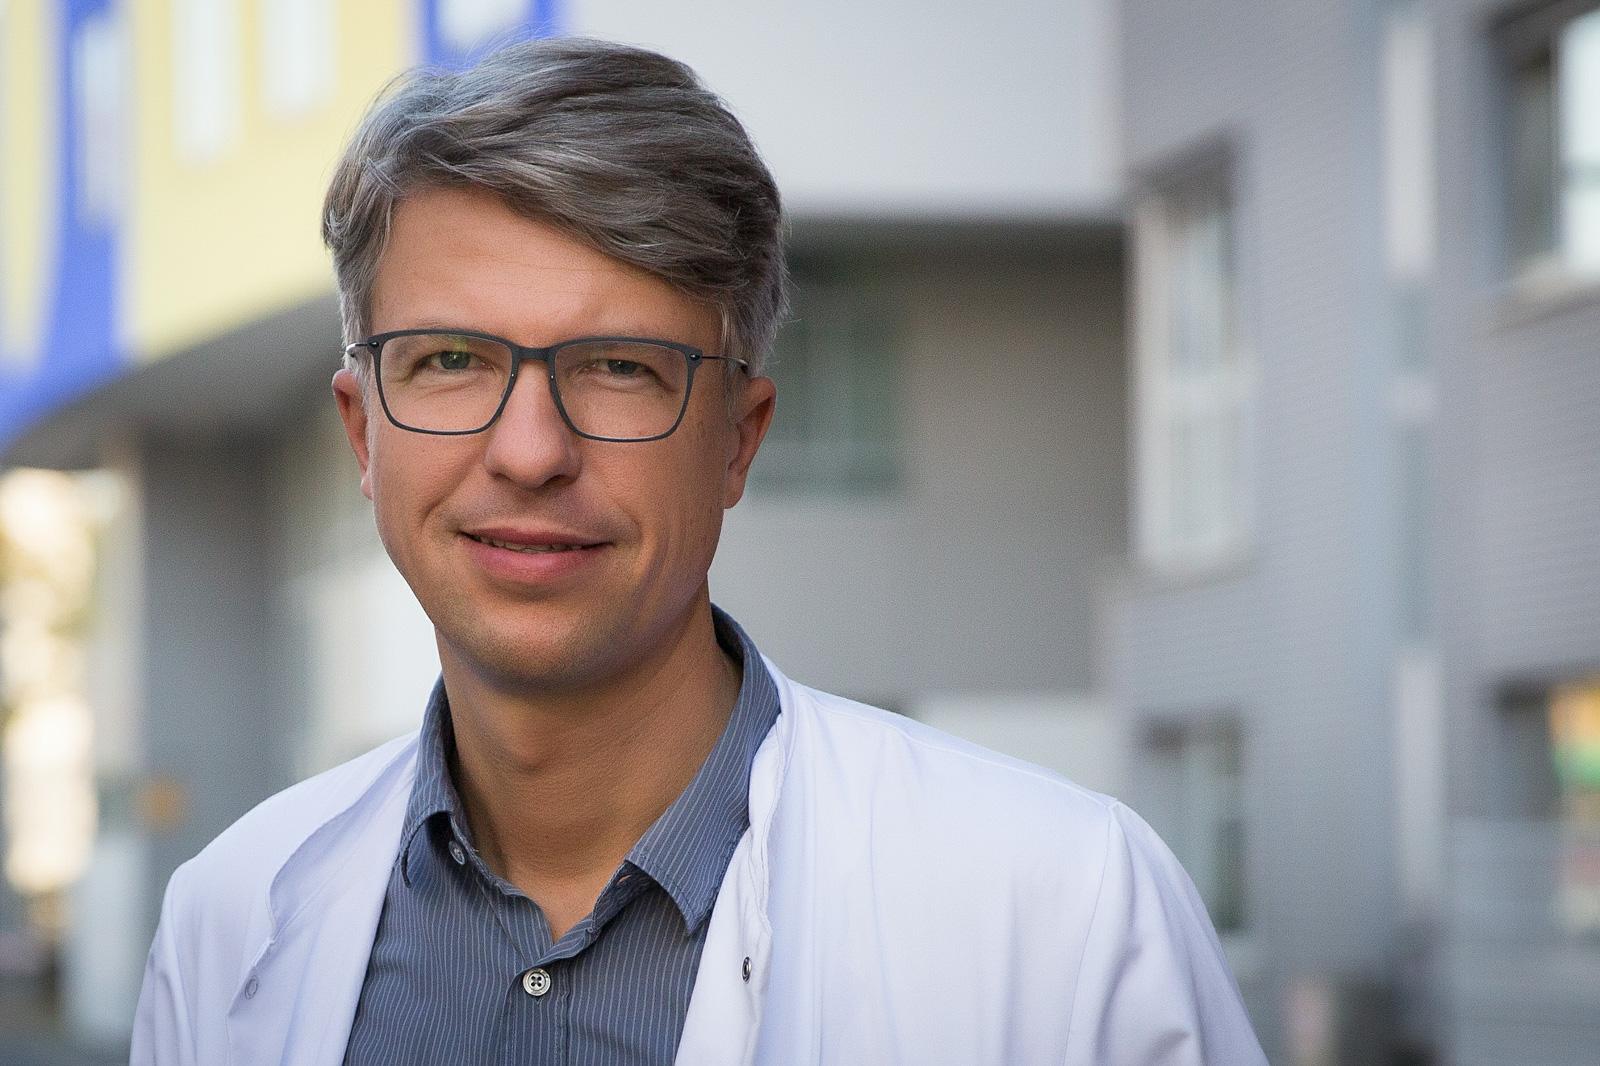 Prof. Dr. Platzbecker